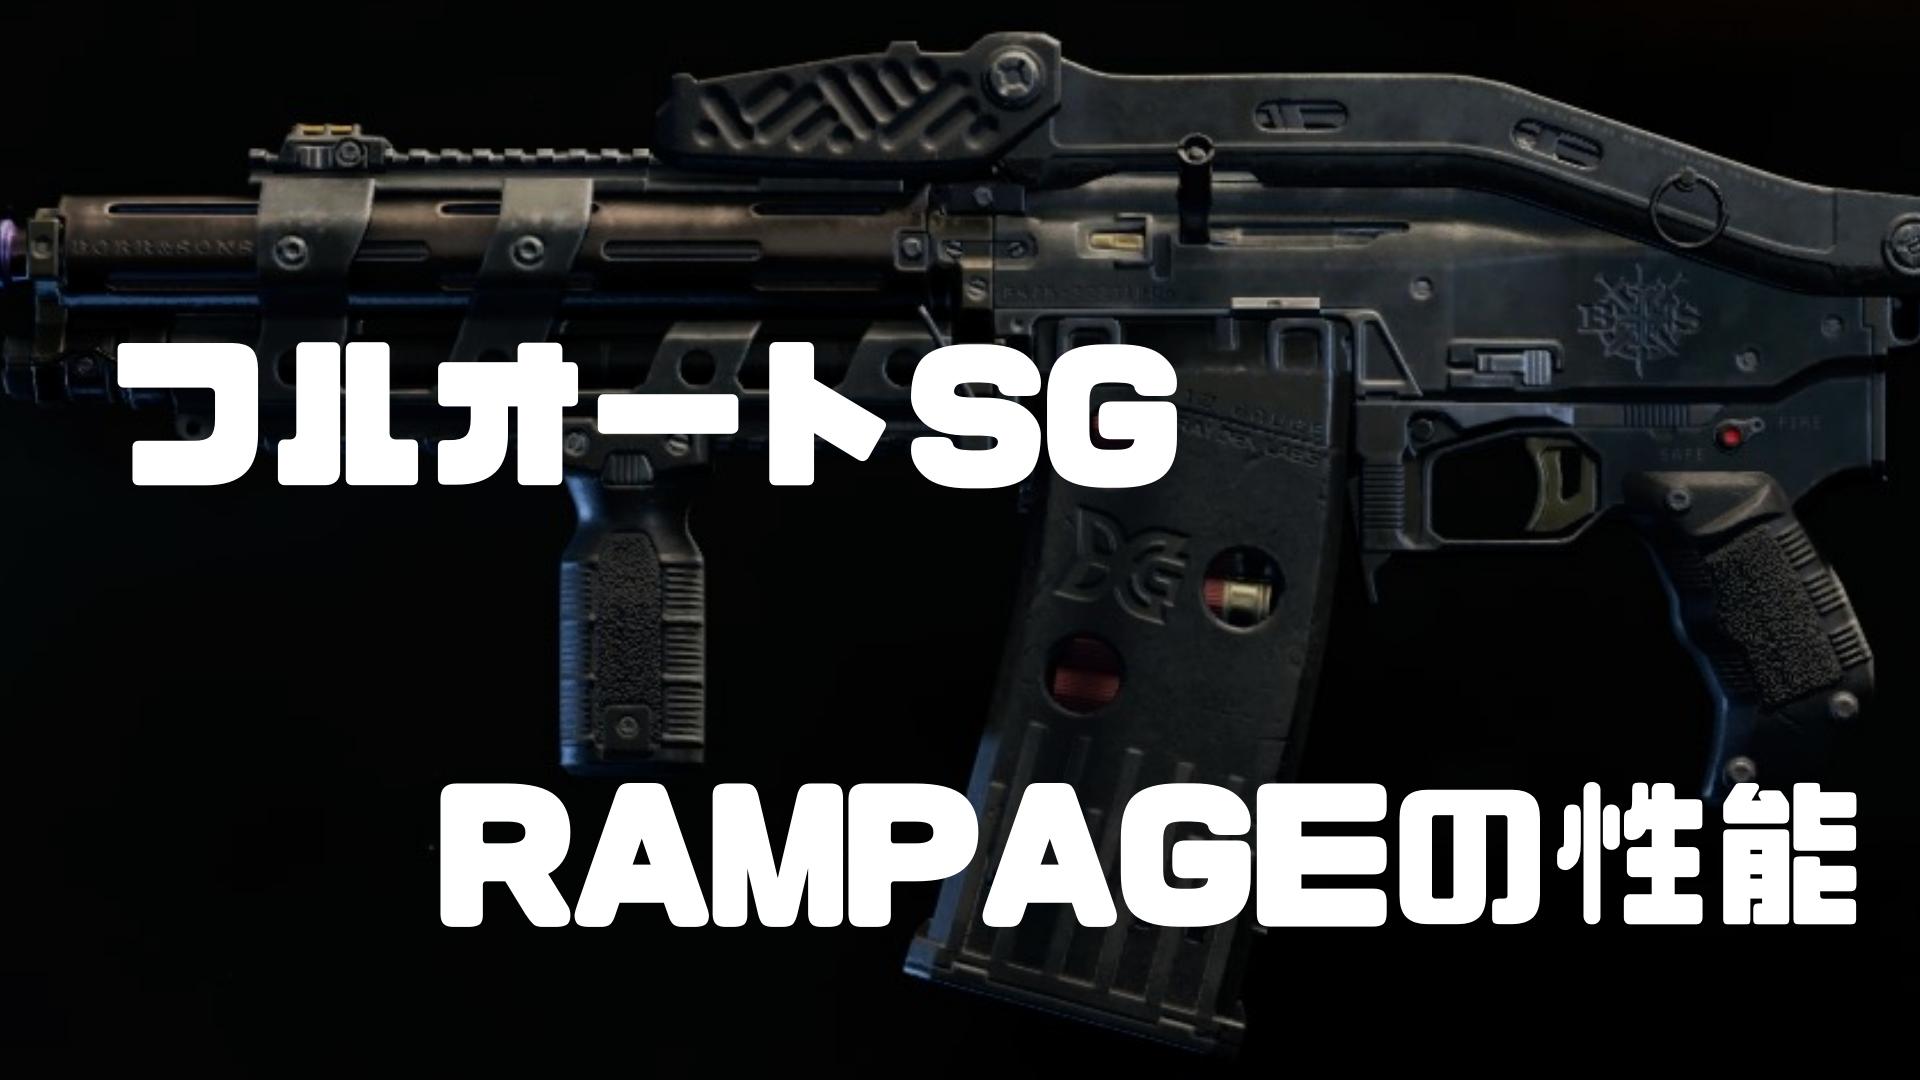 【BO4】連射力の高いSG RAMPAGEの評価